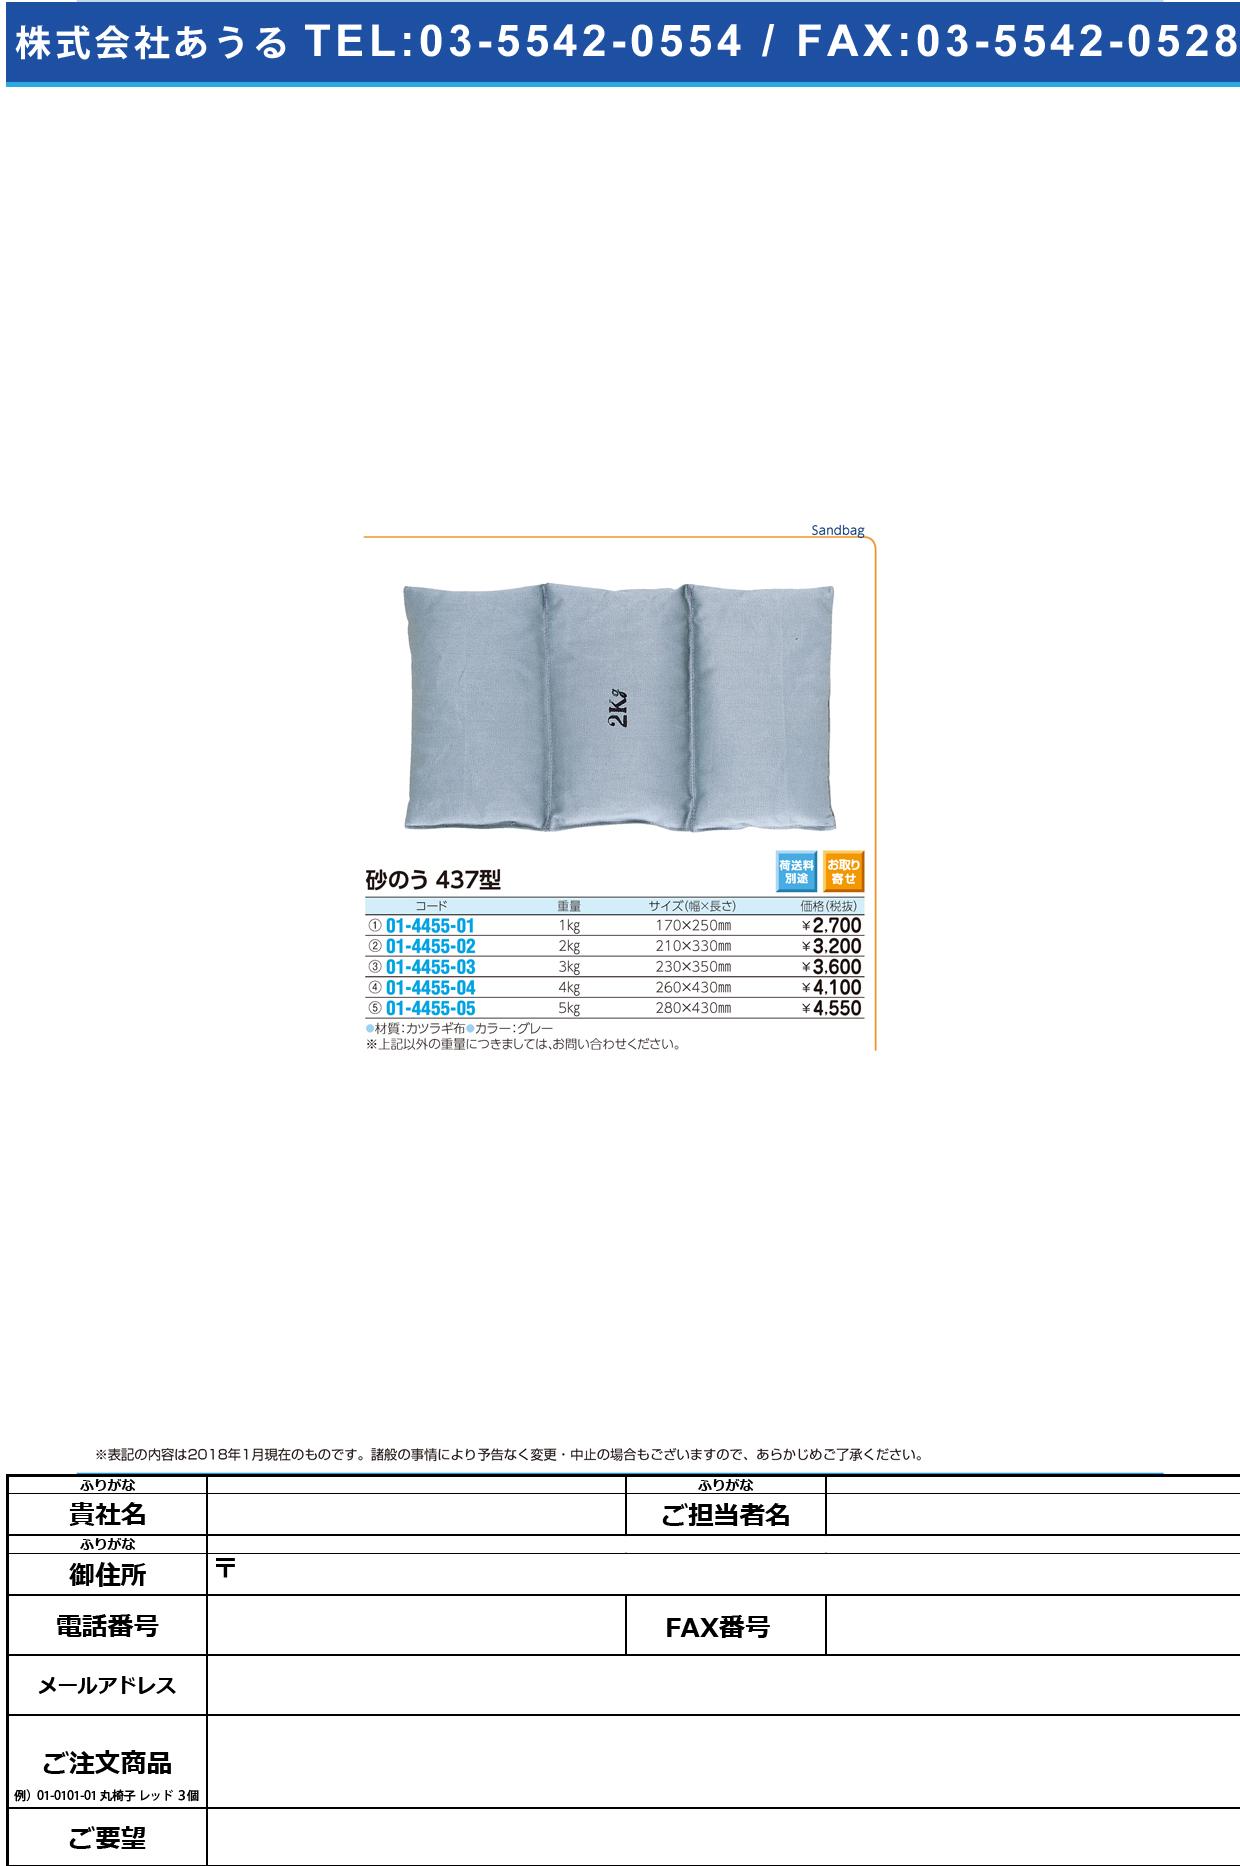 (01-4455-05)砂のう437型 5.0KG サノウ【1個単位】【2019年カタログ商品】